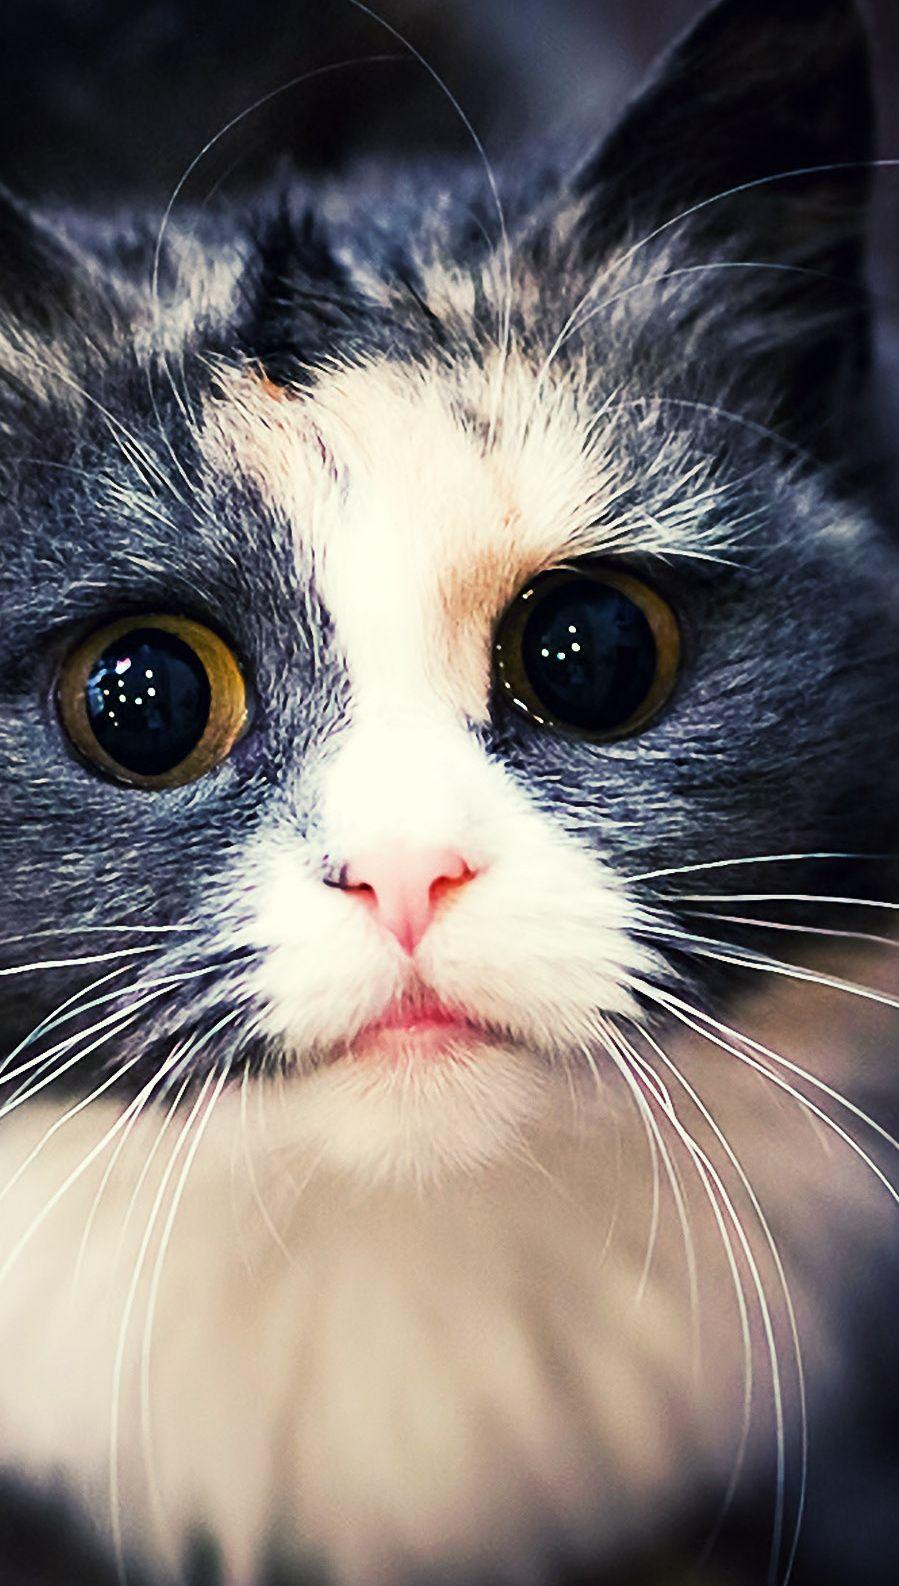 Descargar fondos de pantalla Gato Kawaii HD para móvil. en